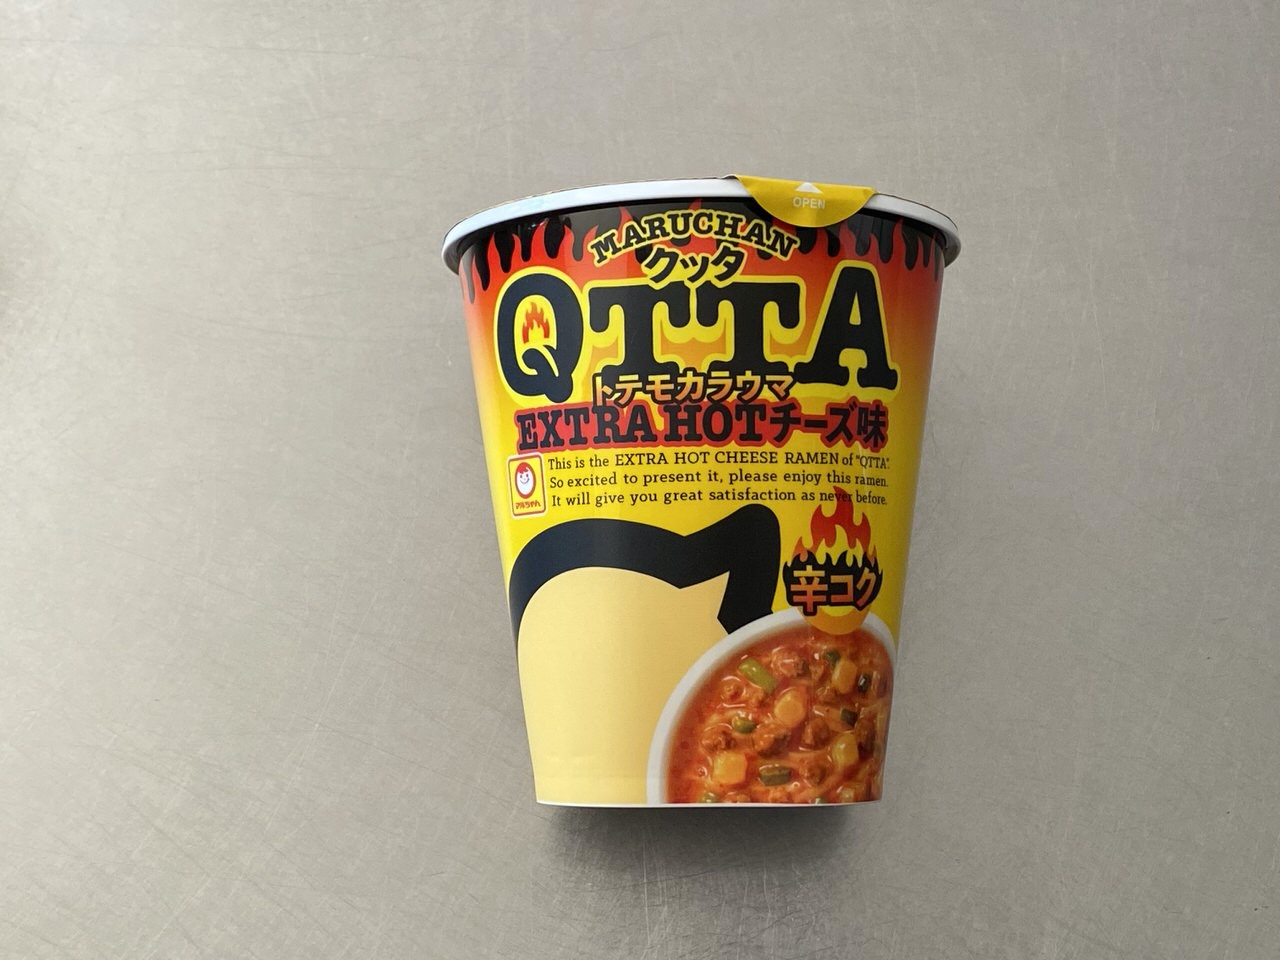 トテモカラウマ「QTTA(クッタ) エクストラホット チーズ味」食べてみた